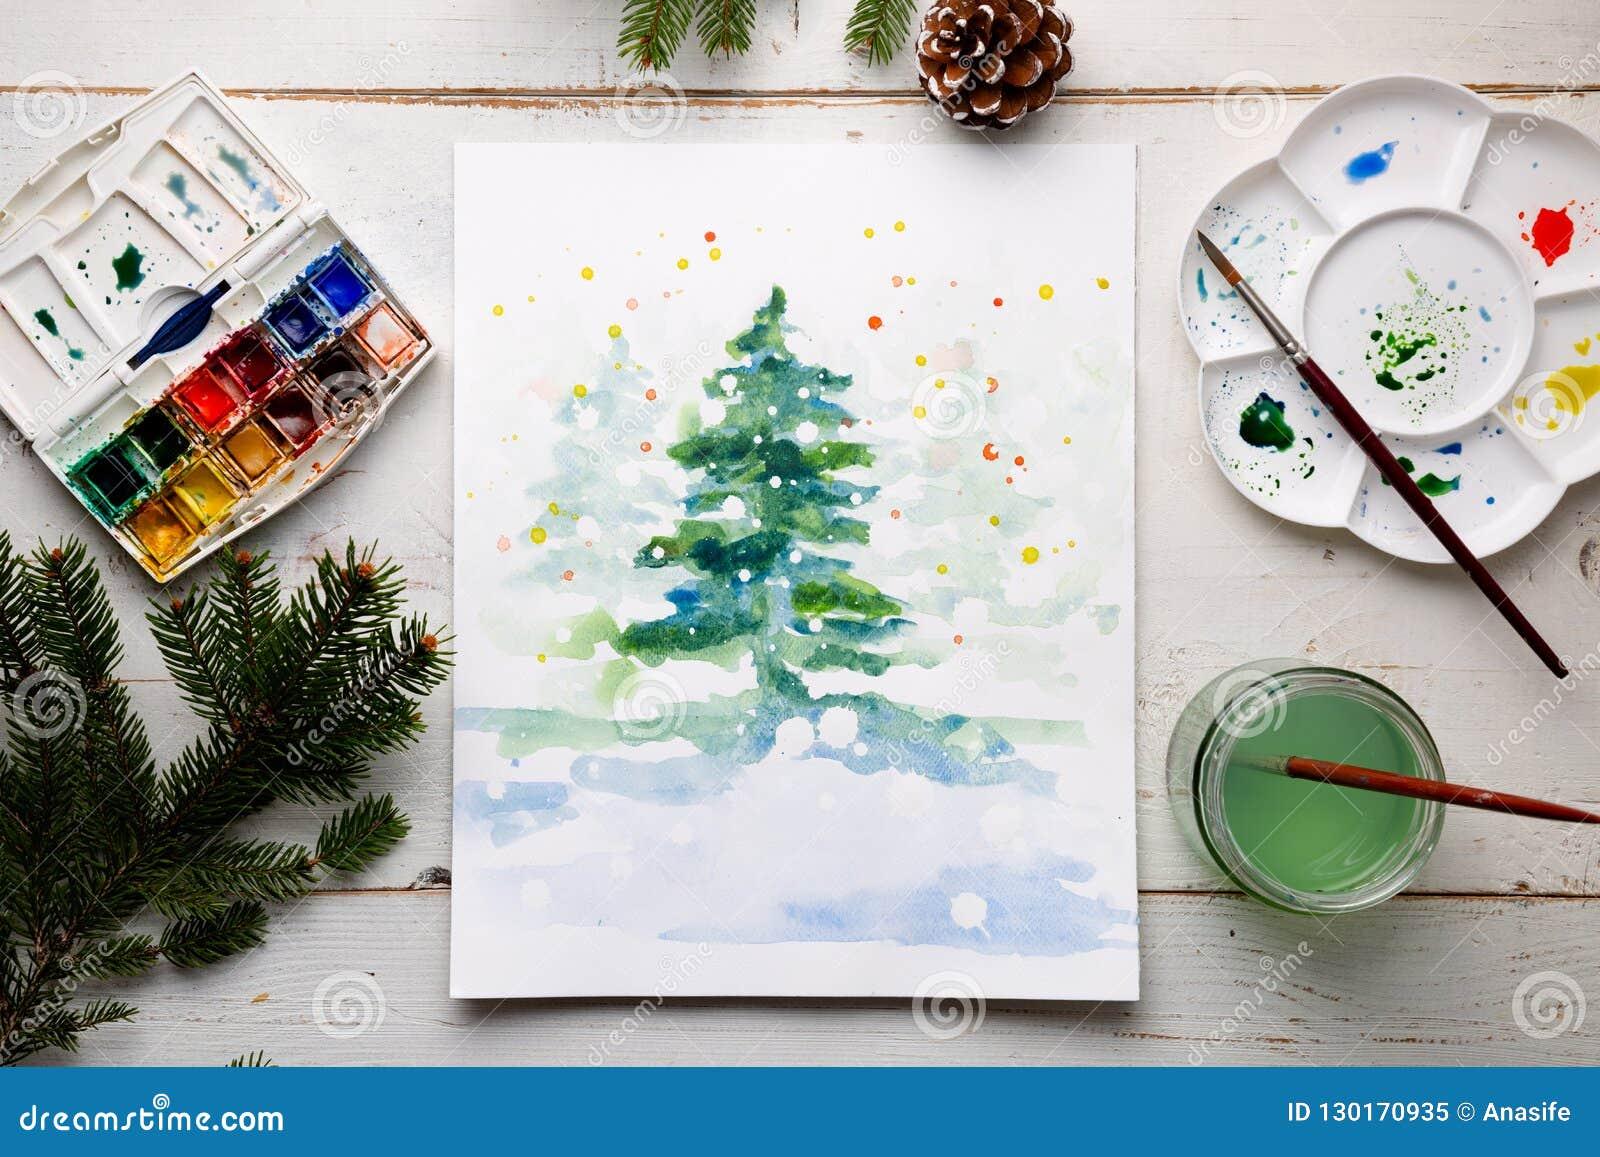 Peinture D'une Carte De Noël De DIY Avec L'aquarelle Illustration